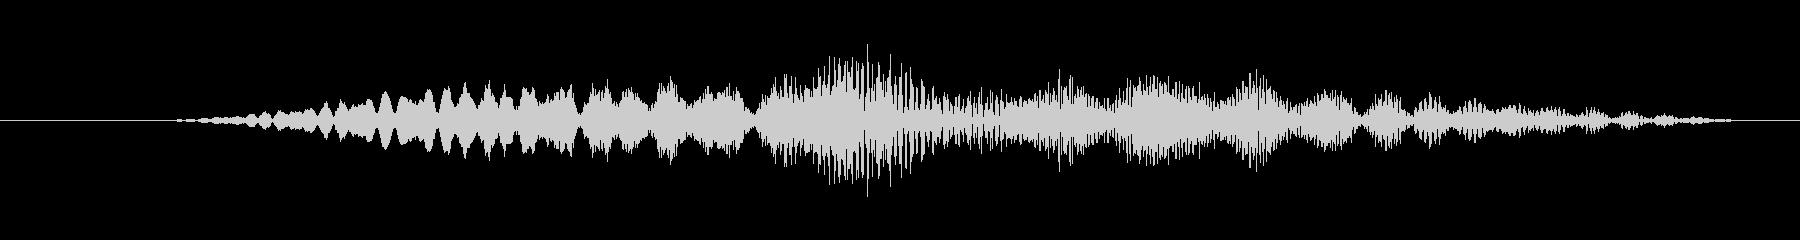 特撮 確認05の未再生の波形